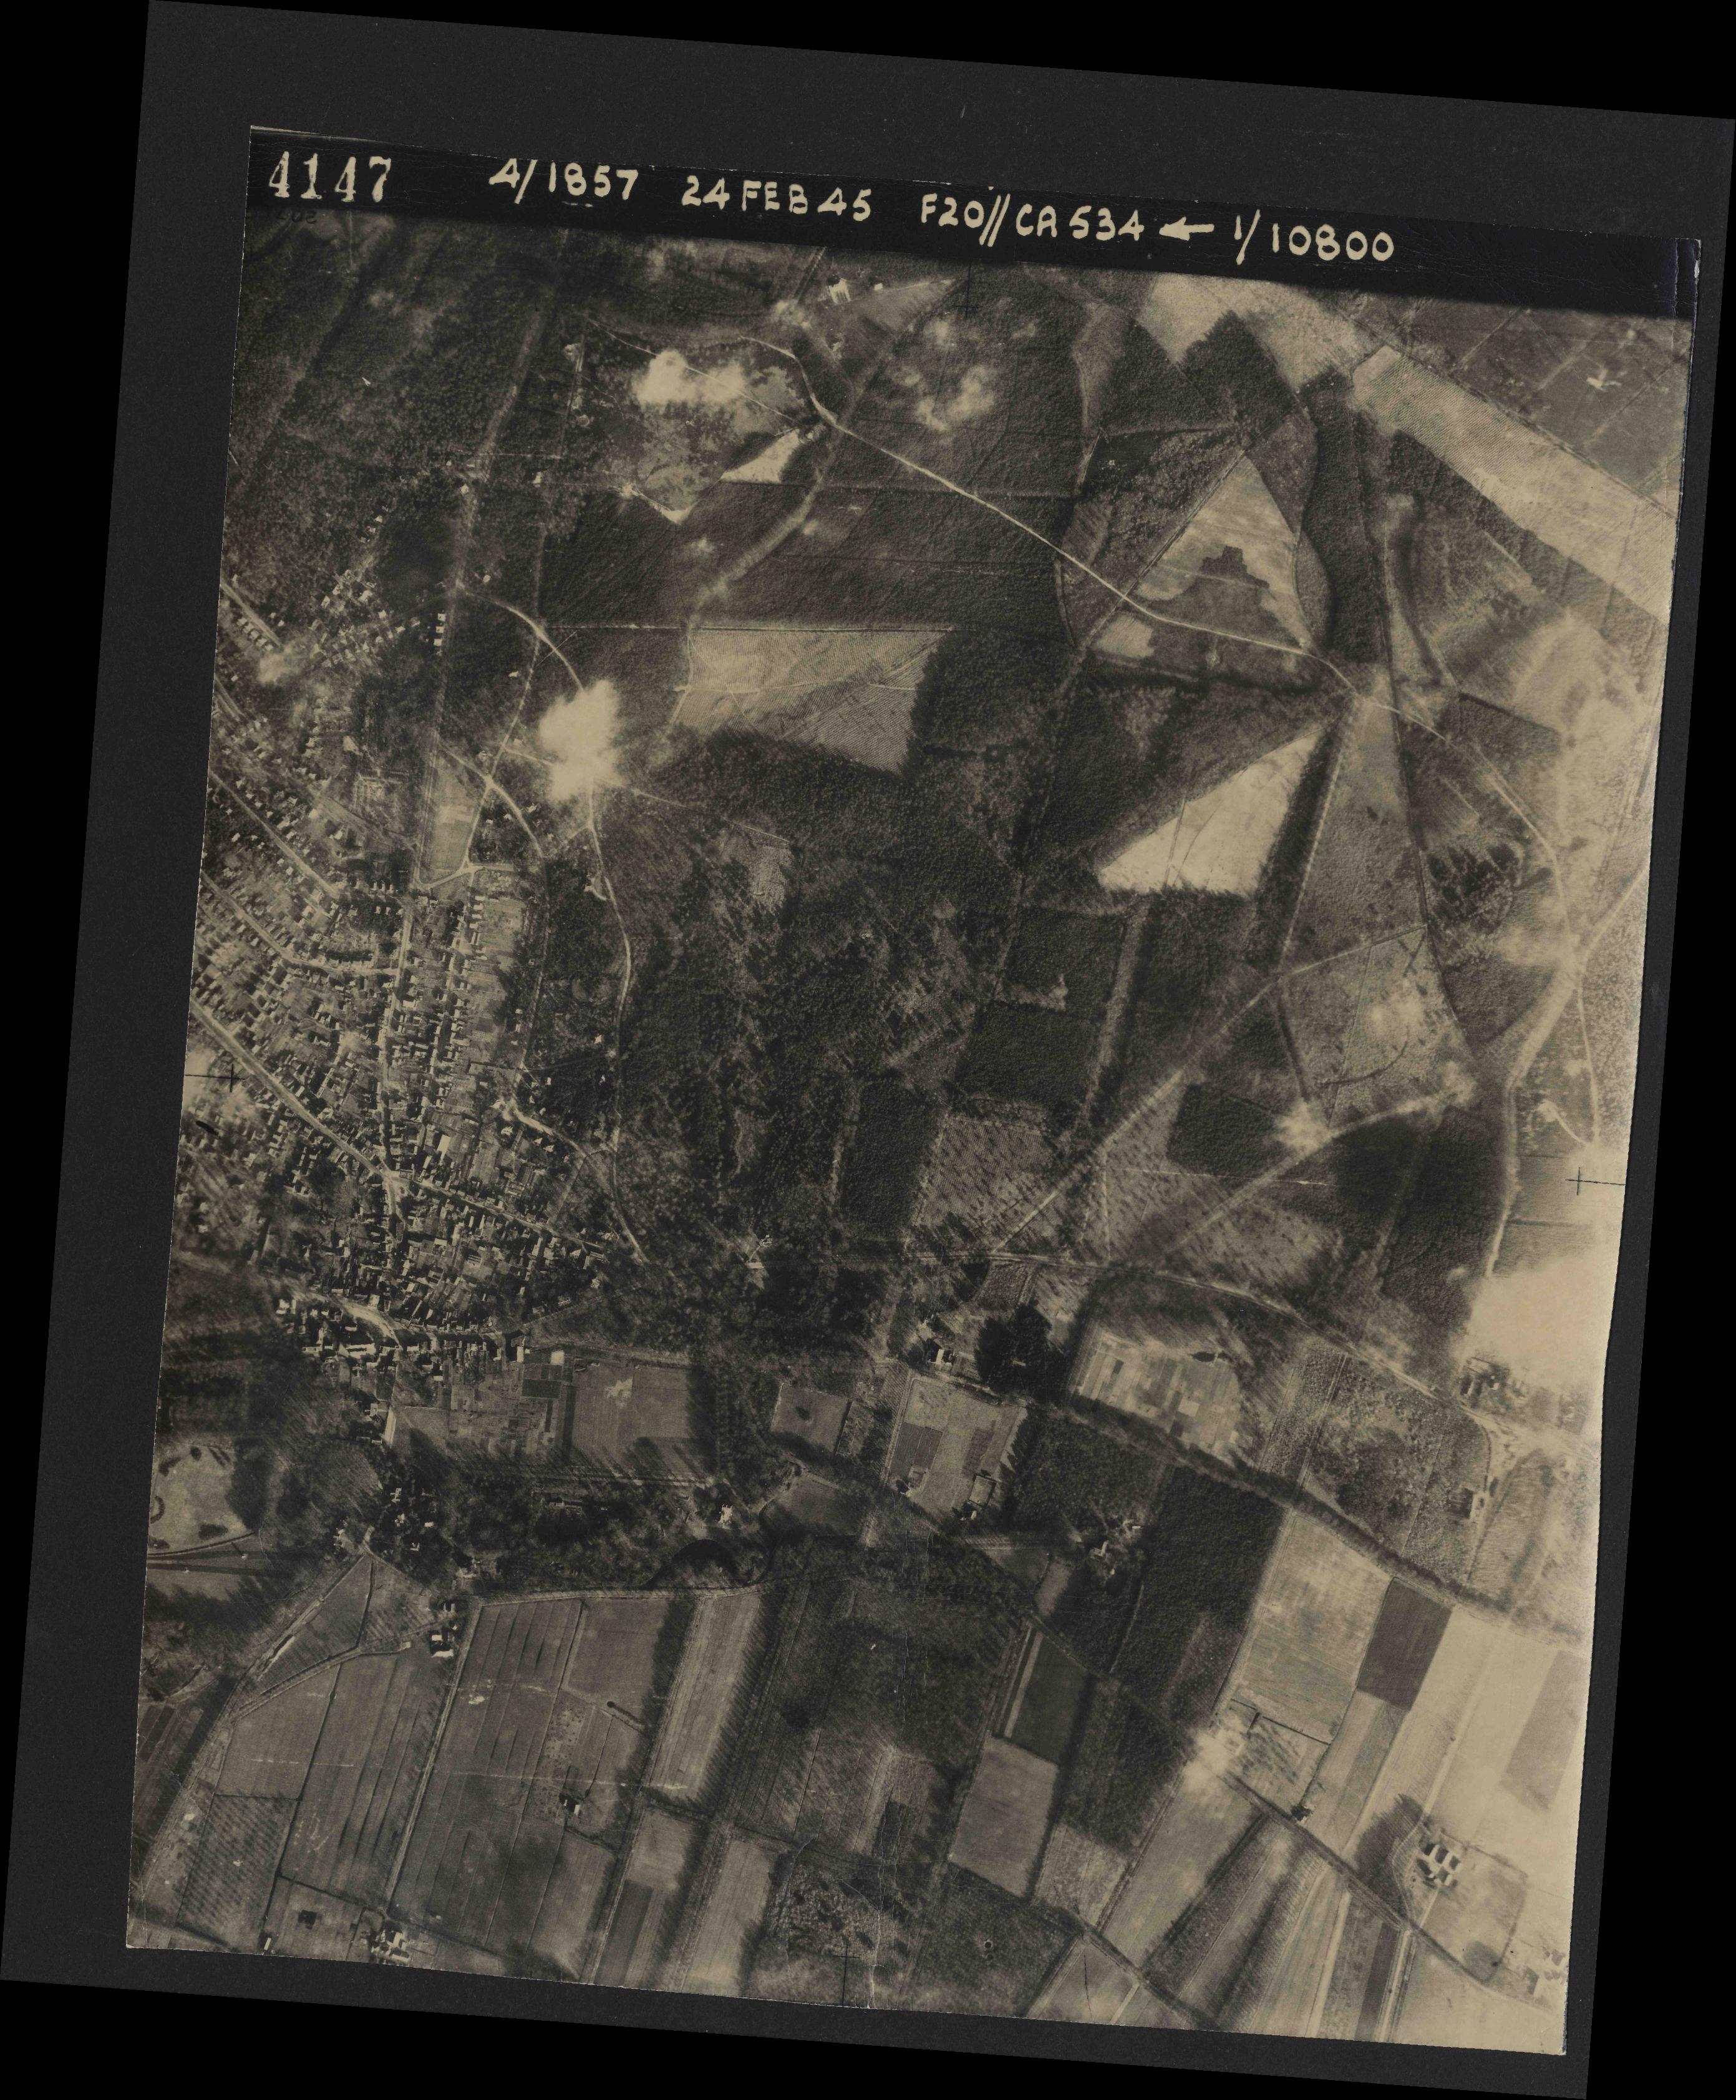 Collection RAF aerial photos 1940-1945 - flight 073, run 01, photo 4147